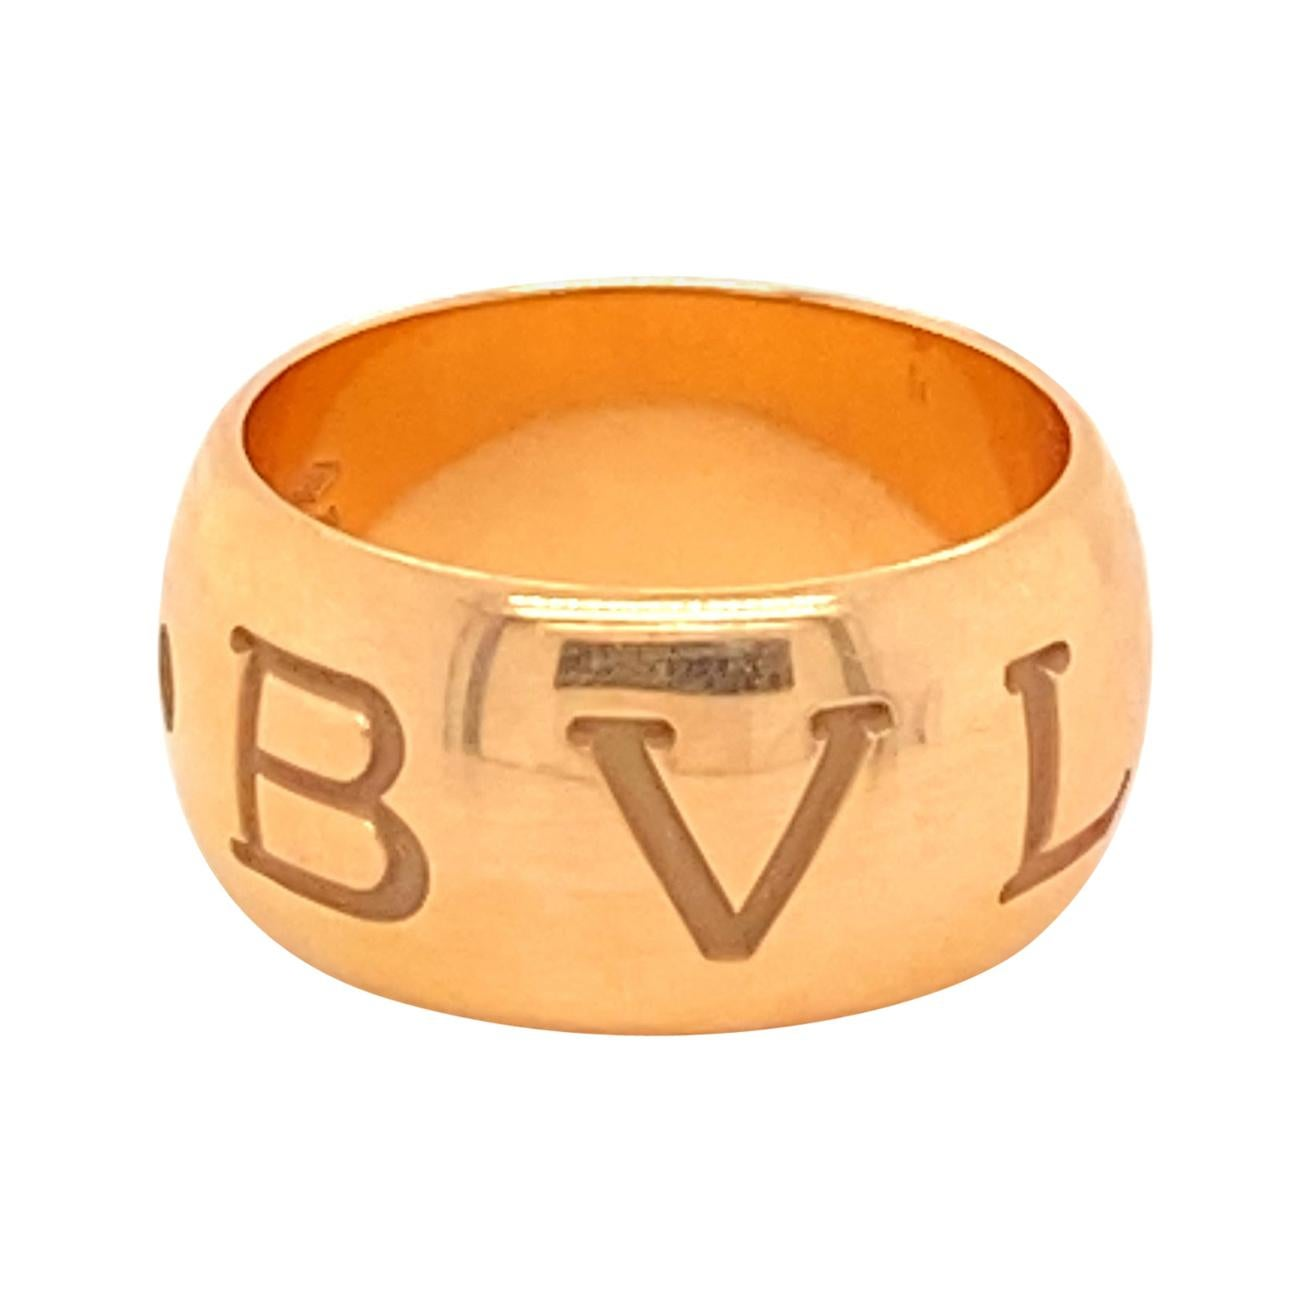 18k Rose Gold Bvlgari Monologo Ring